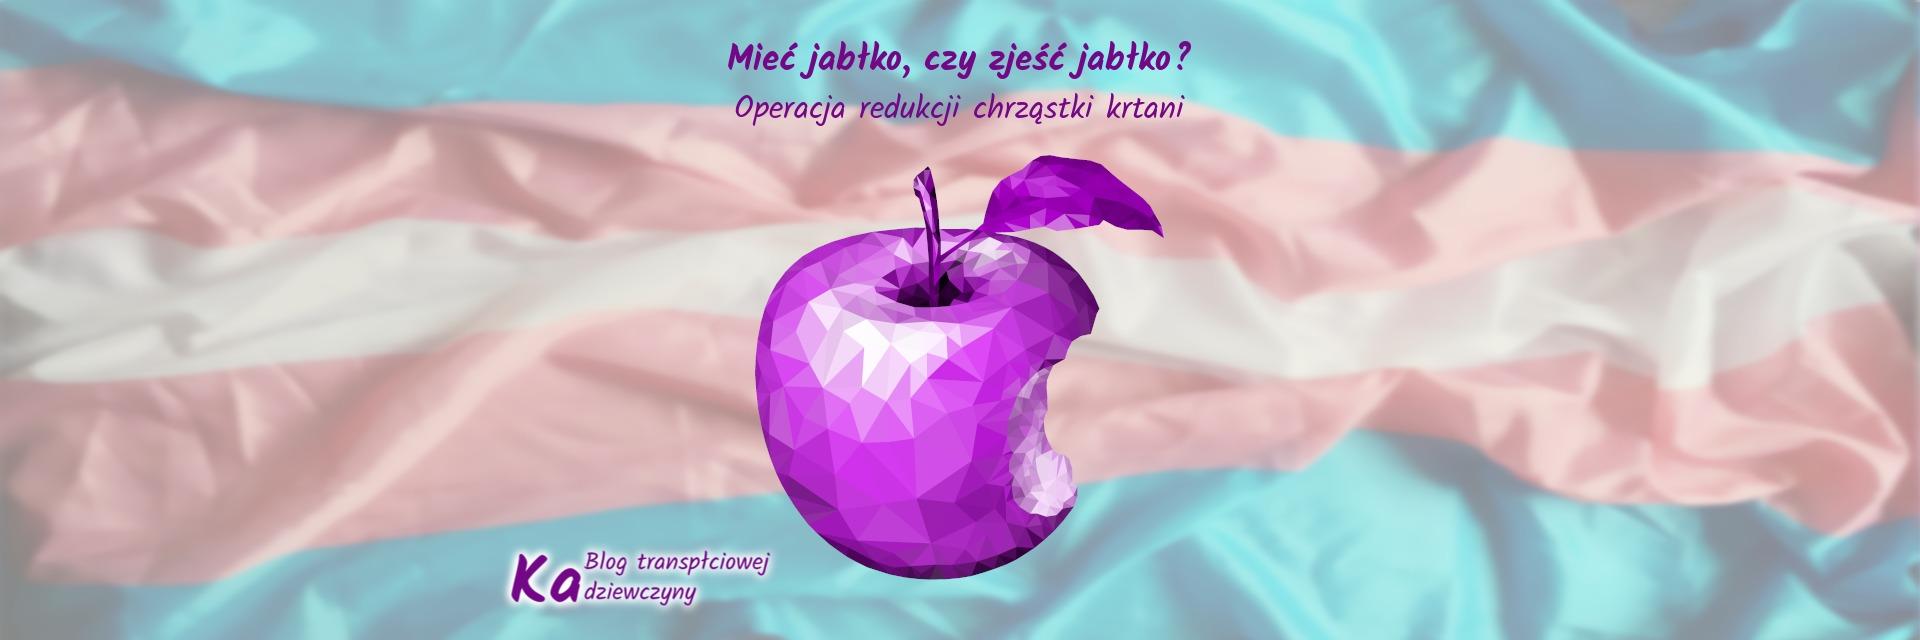 Mieć jabłko, czy zjeść jabłko? Operacja redukcji chrząstki krtani